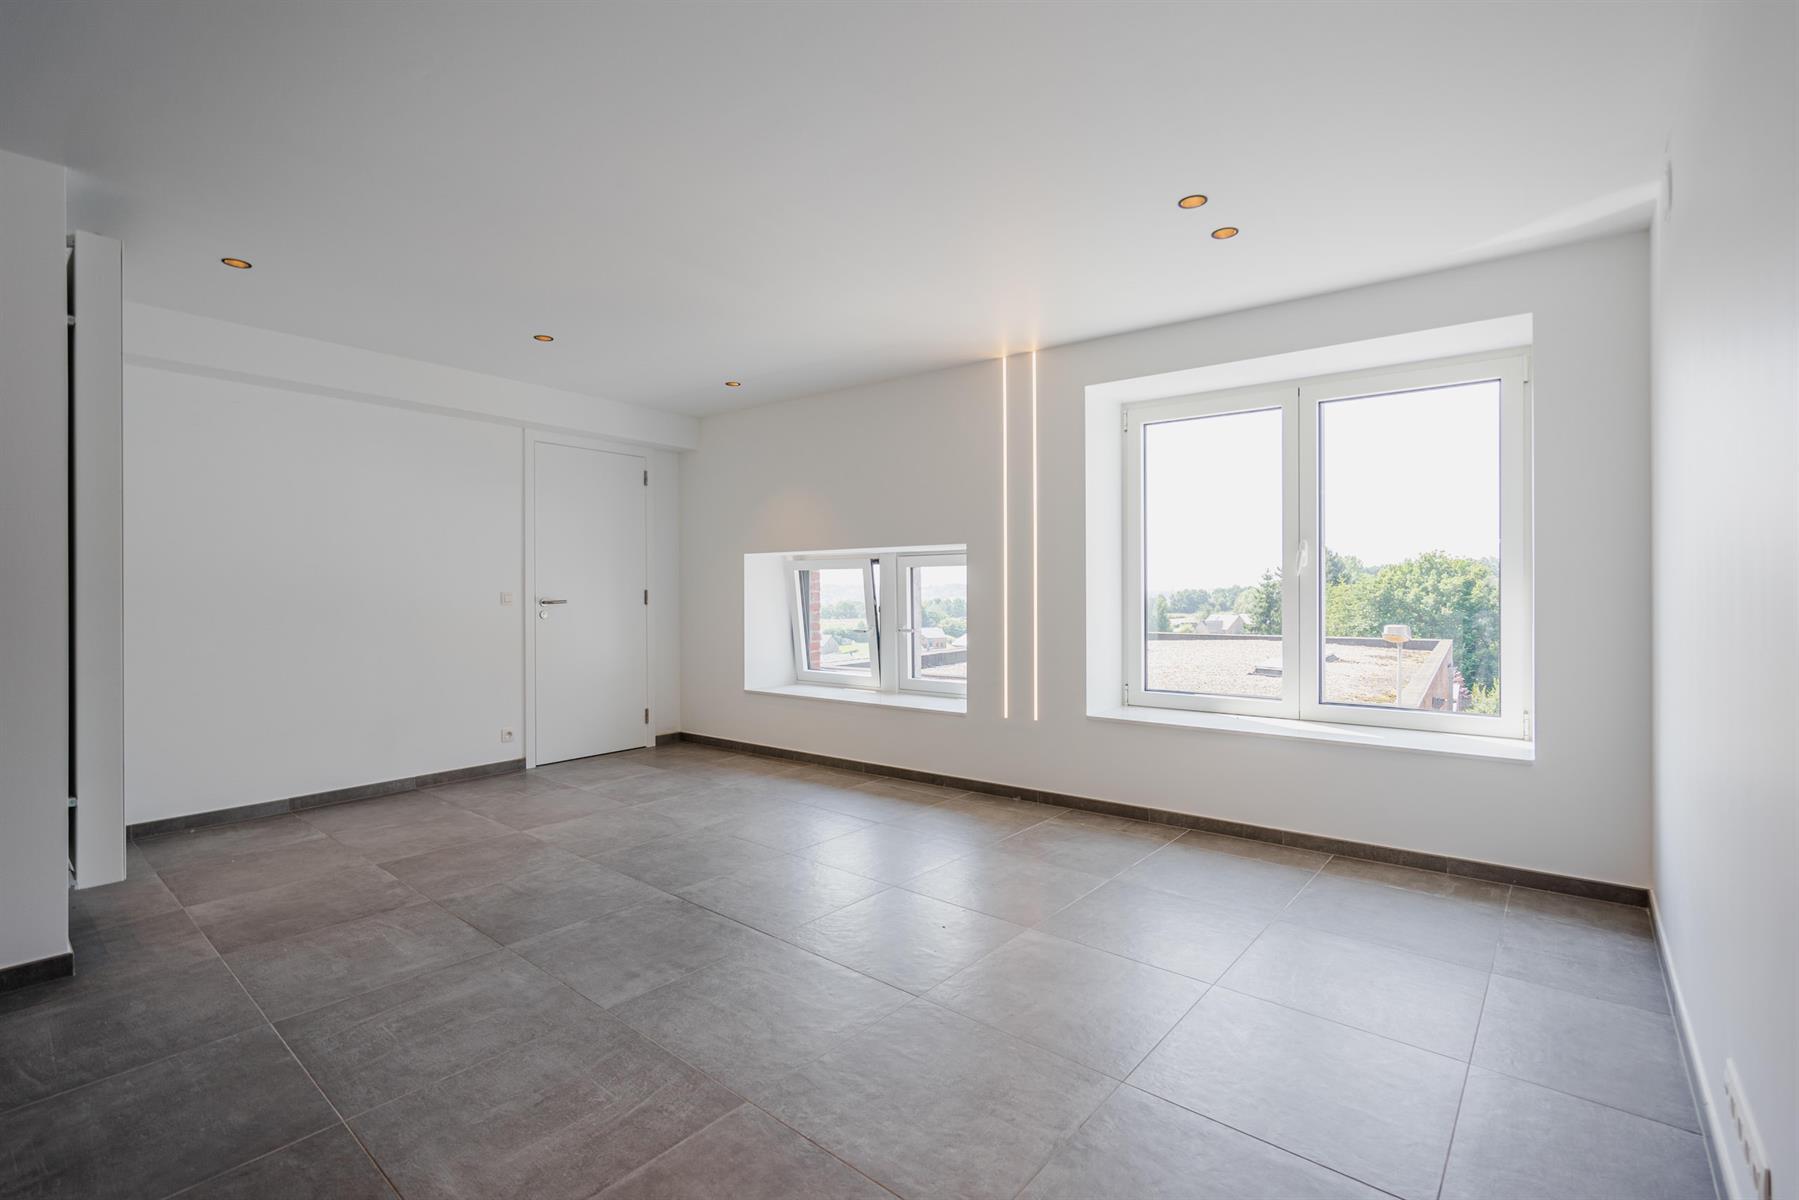 Appartement - Herve - #4419604-1